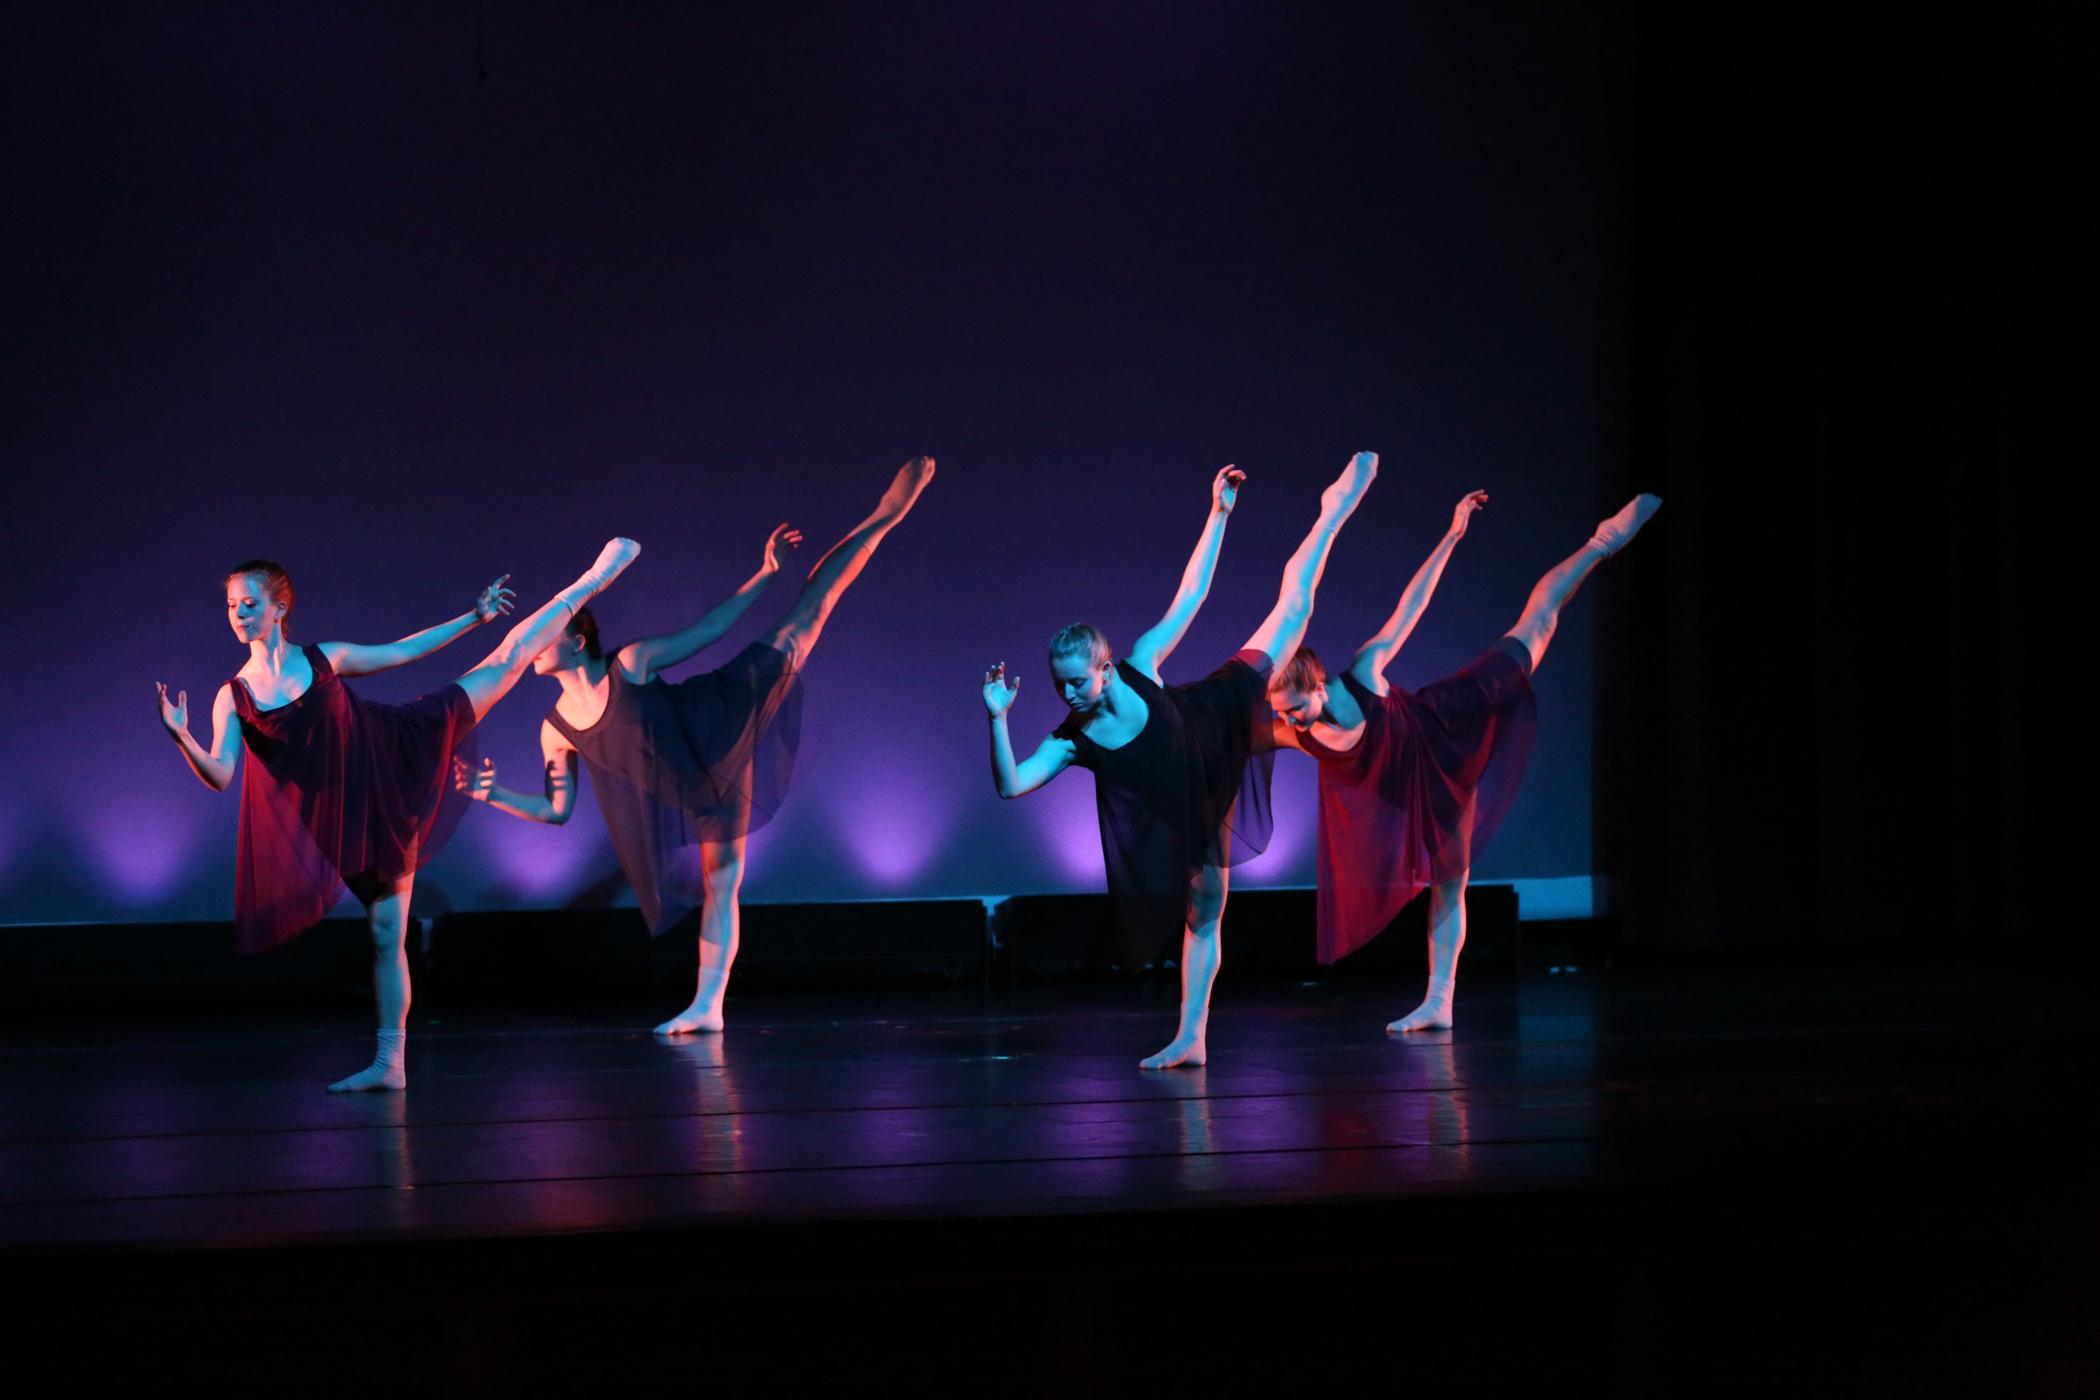 DUMBO Dance Festival